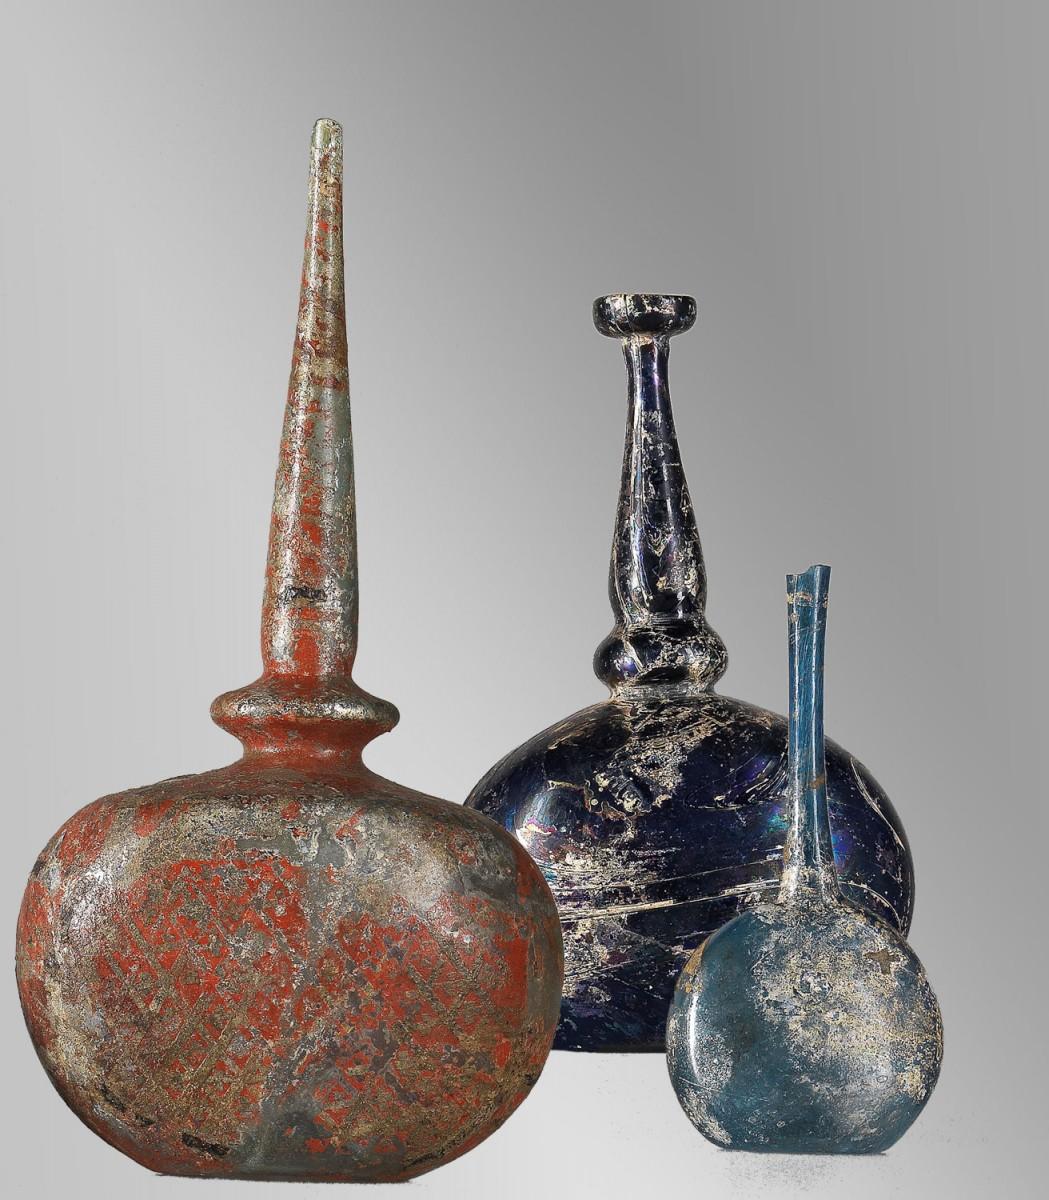 Εικ. 14. Γυάλινα αγγεία και εφυαλωμένα κεραμικά επισημαίνουν το ρόλο της Θεσσαλονίκης ως εμπορικού κέντρου.